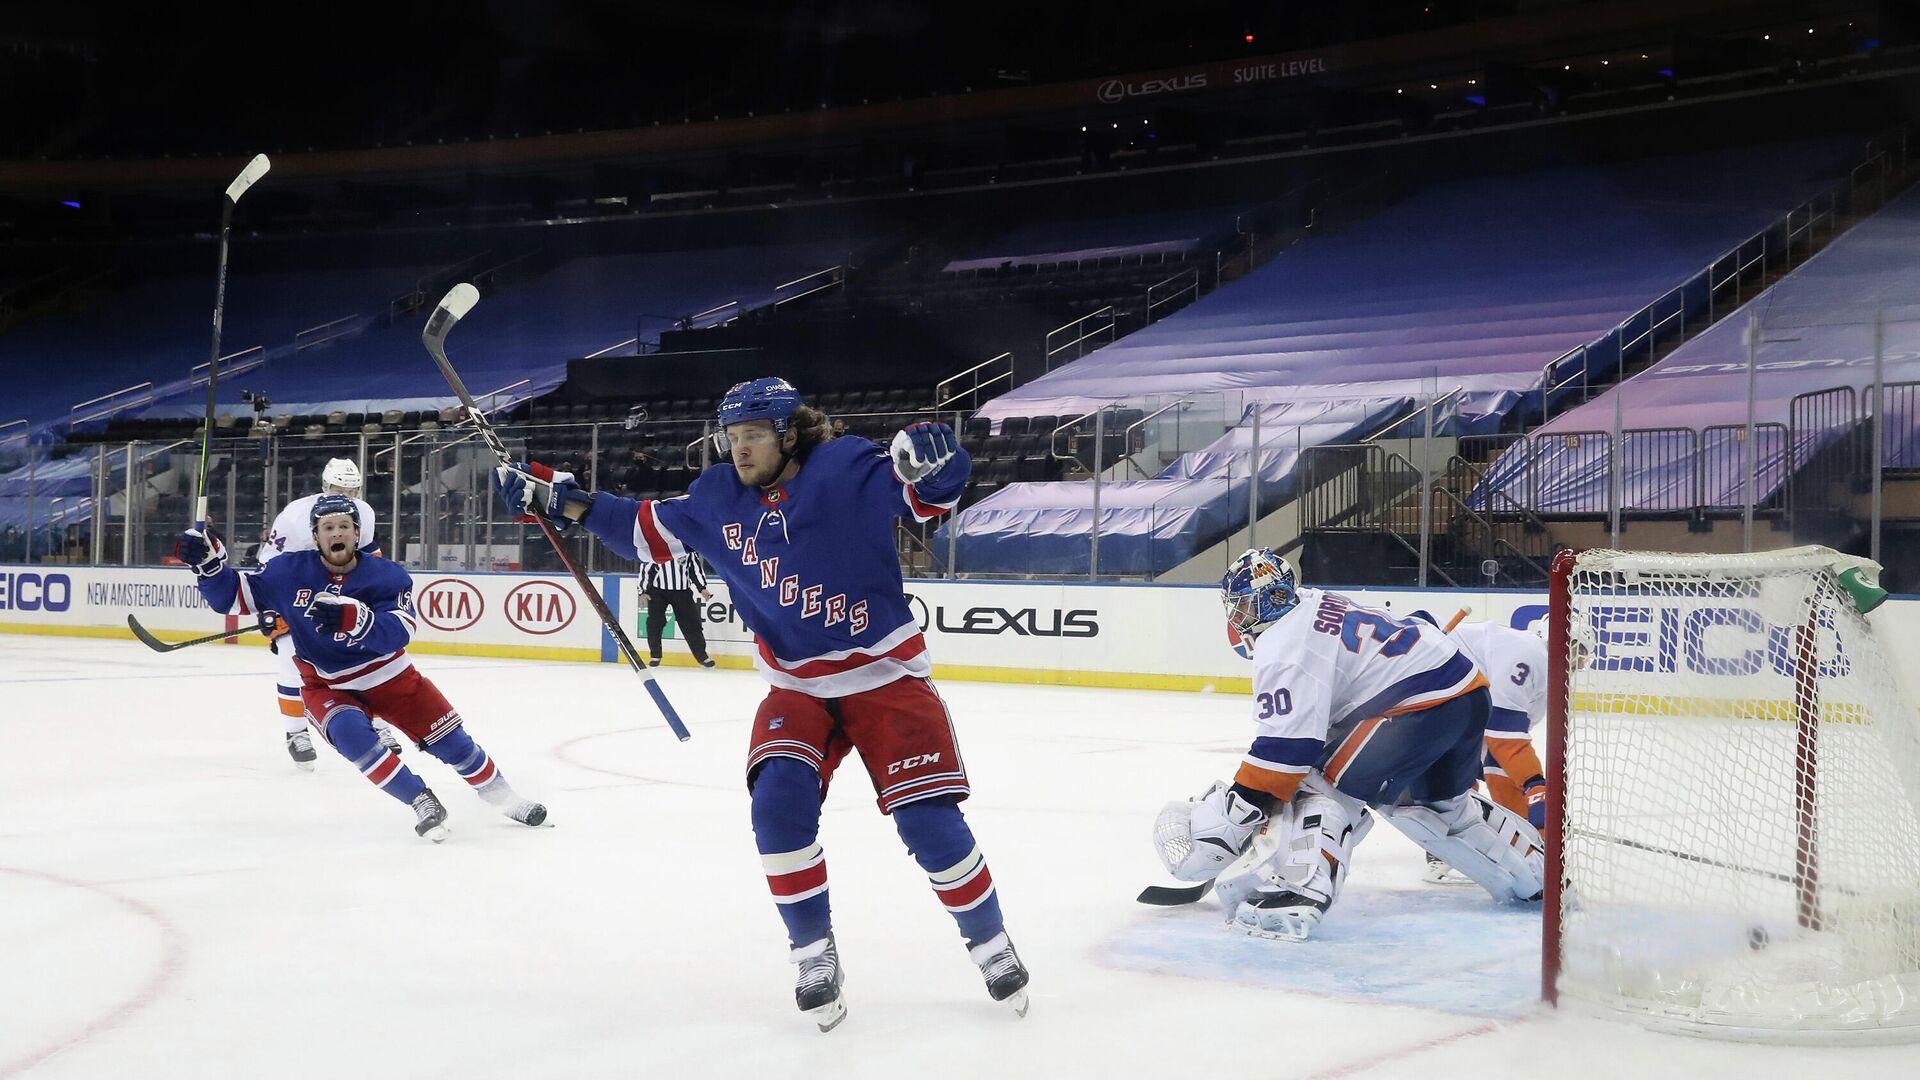 Артемий Панарин в матче НХЛ против Нью-Йорк Айлендерс - РИА Новости, 1920, 17.01.2021